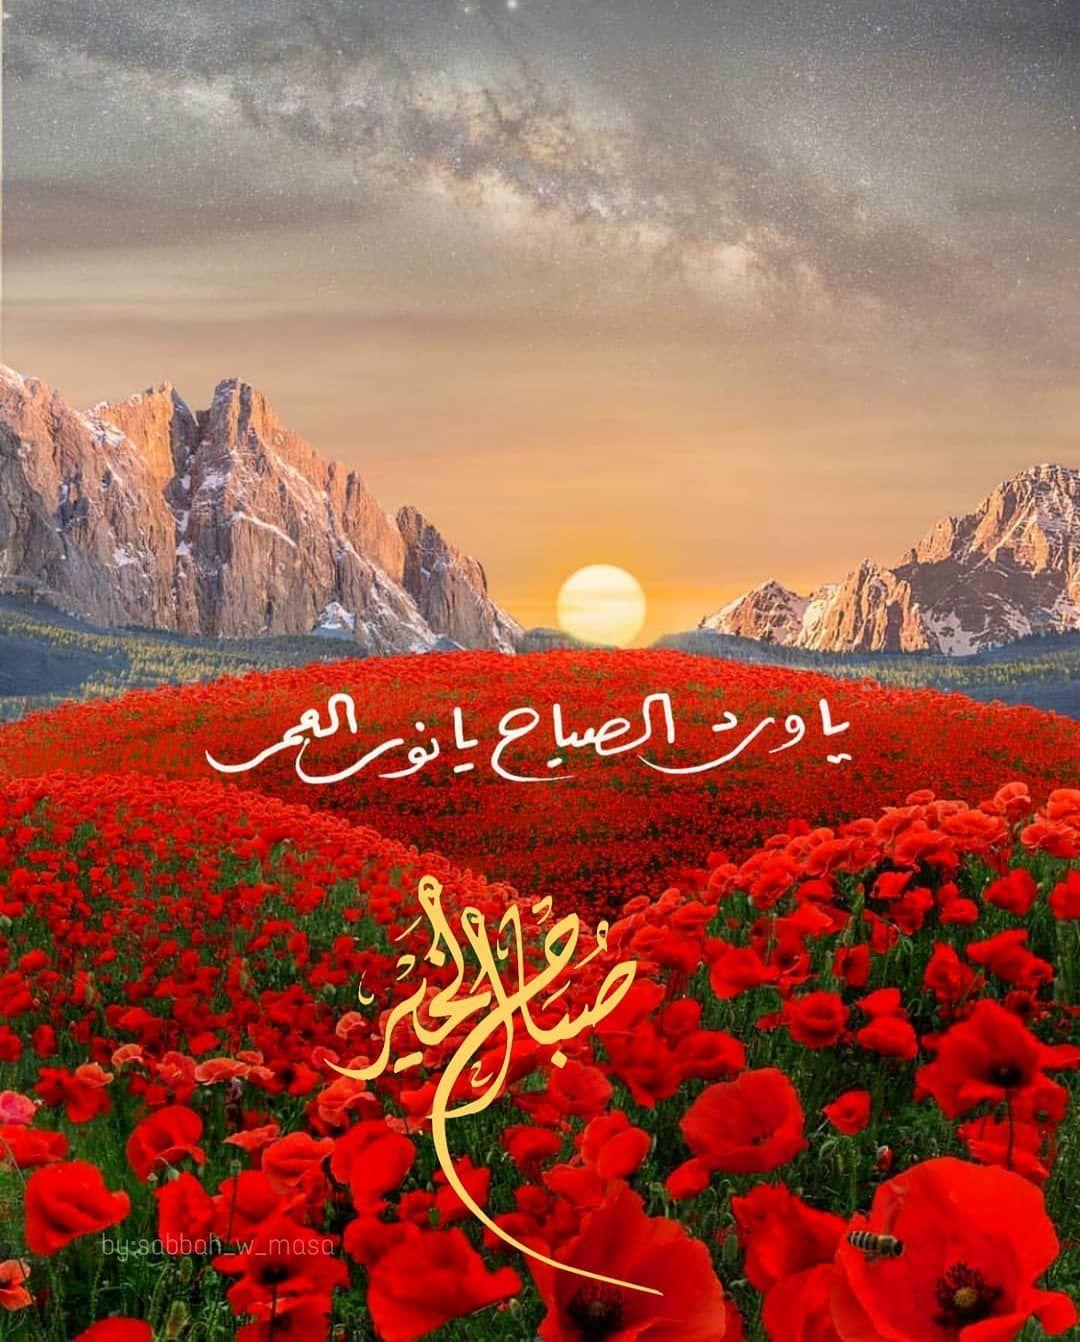 صبح و مساء Sur Instagram يا ورد الصباح يا نور العمر ص باح الخي ر Good Morning Arabic Good Night Wallpaper Good Morning Greetings